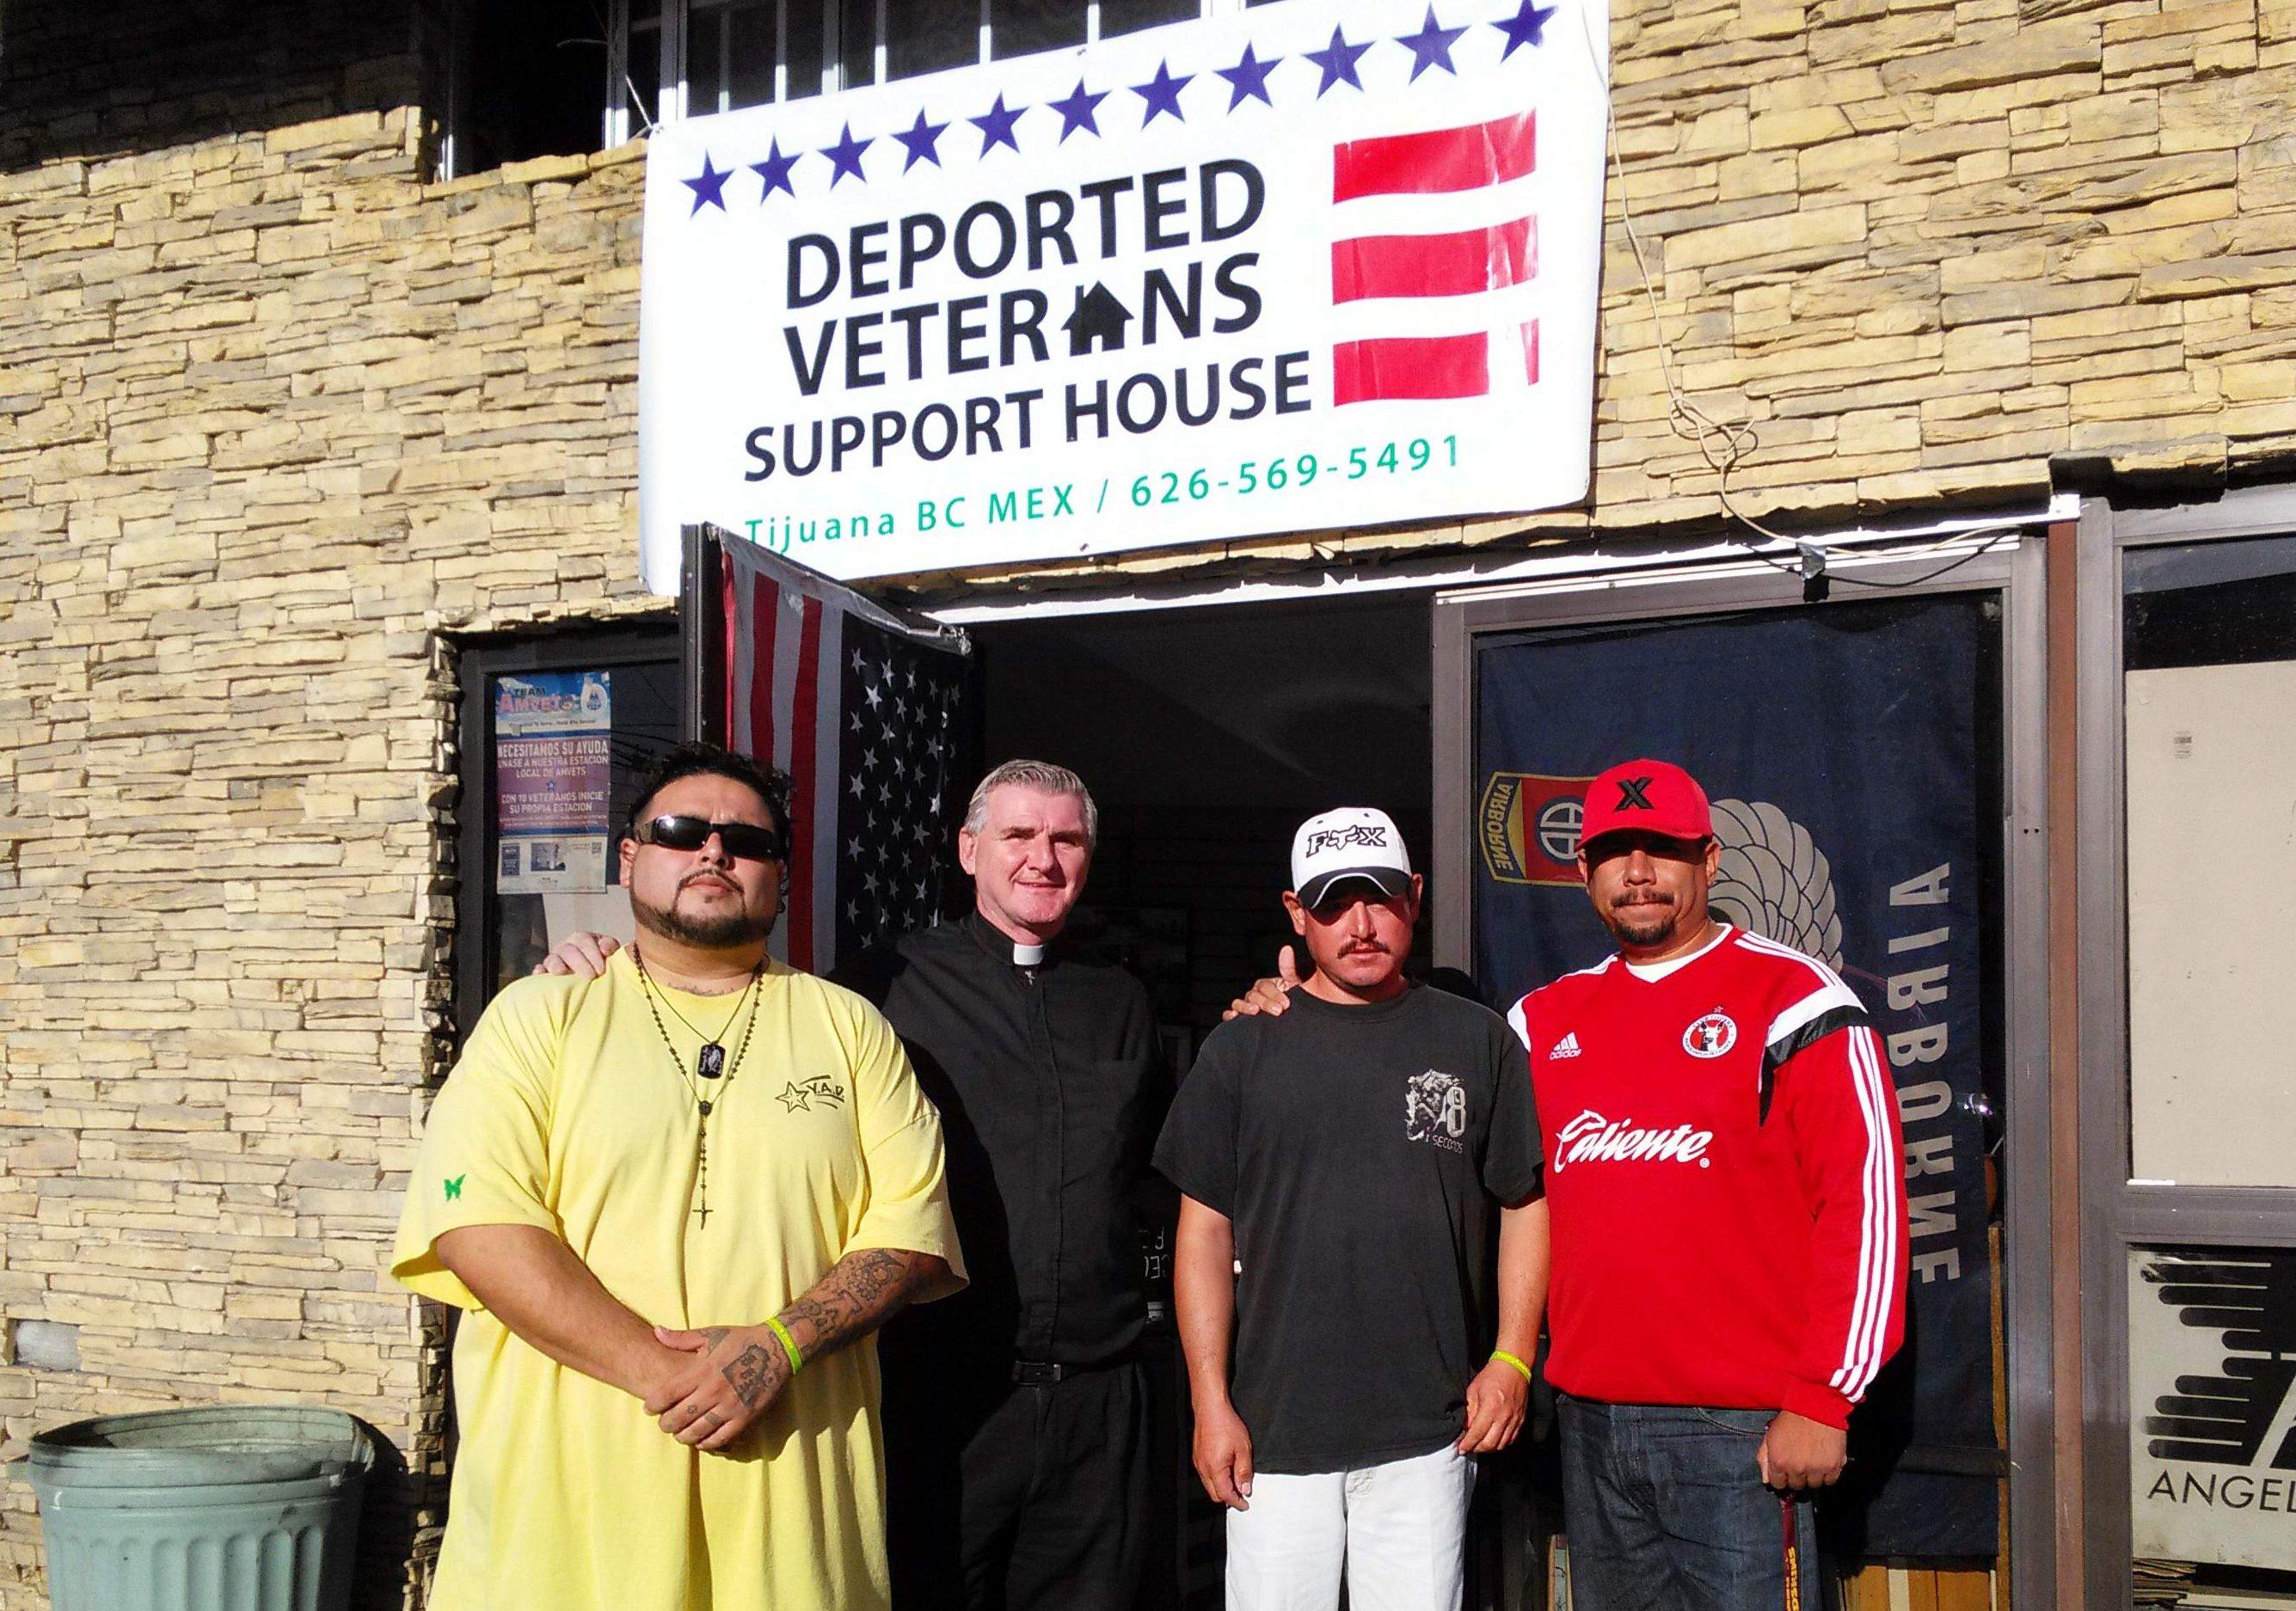 В Доме помощи депртированным ветеранам можно получить разные иды услуг. Фото: tbo.com